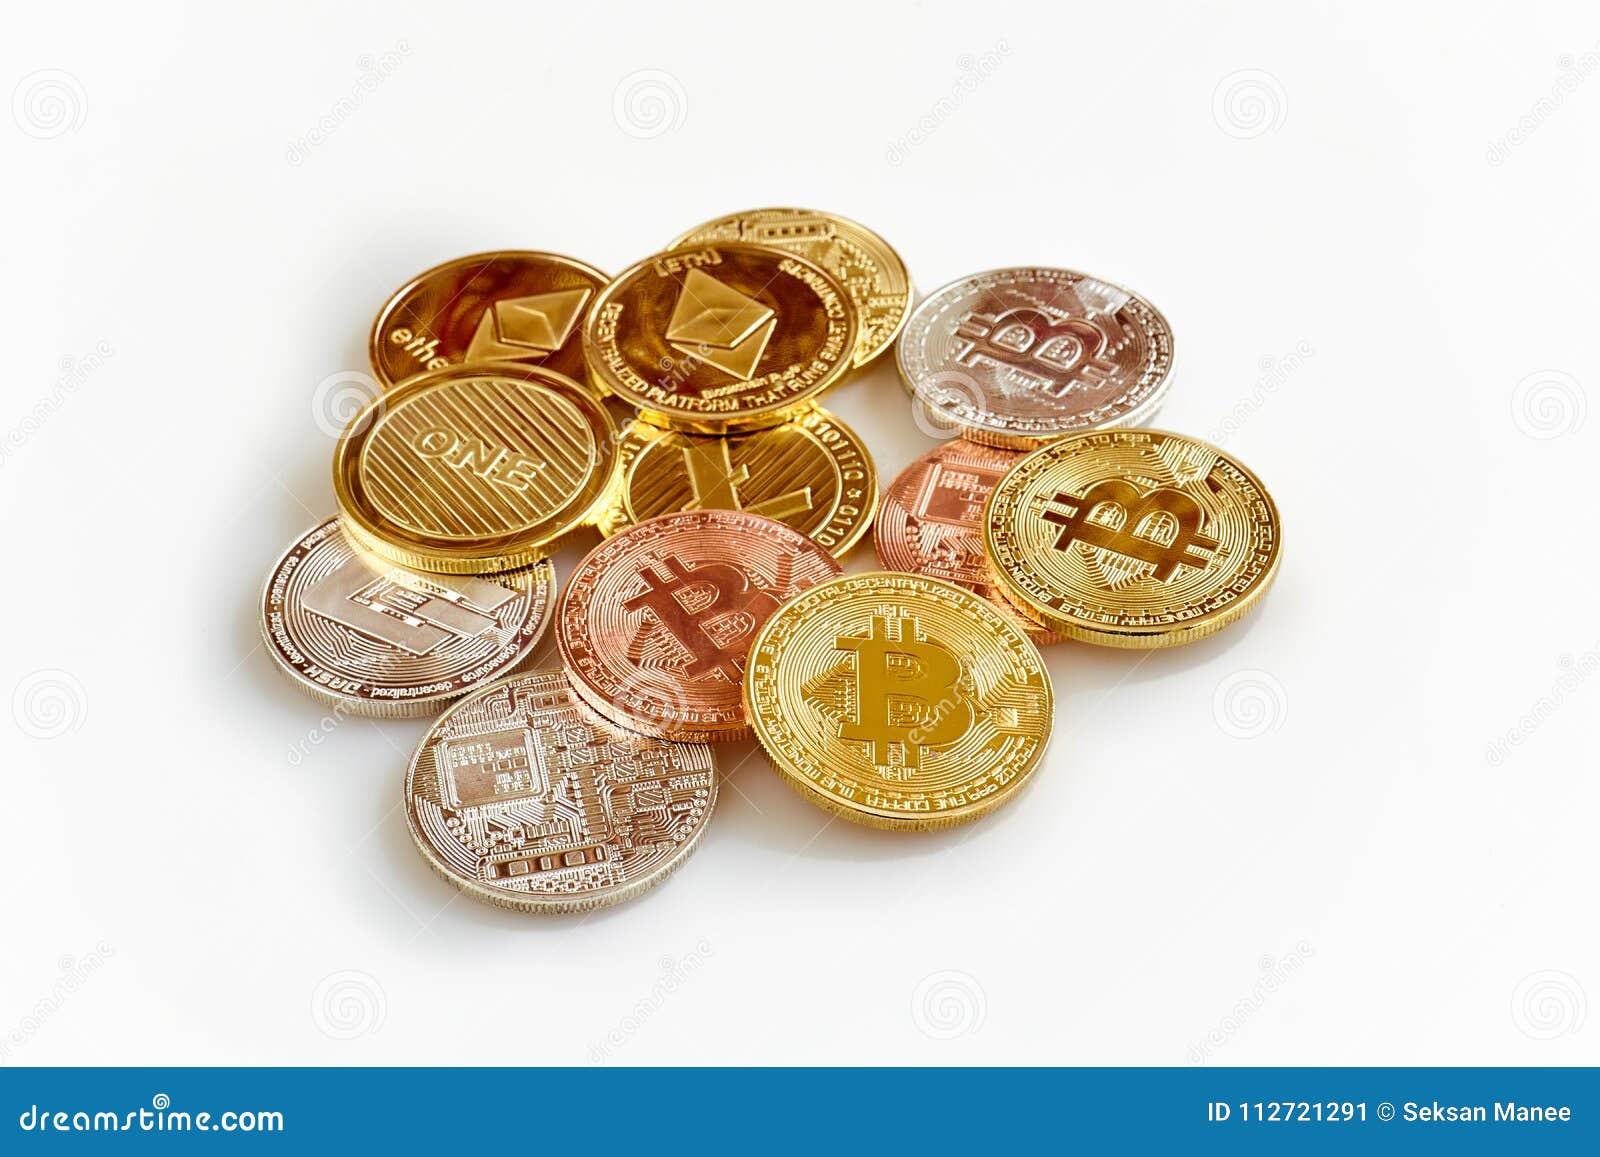 Cryptocurrency físico, Bitcoin, Ethereum, Litecoin, rociada en el fondo blanco